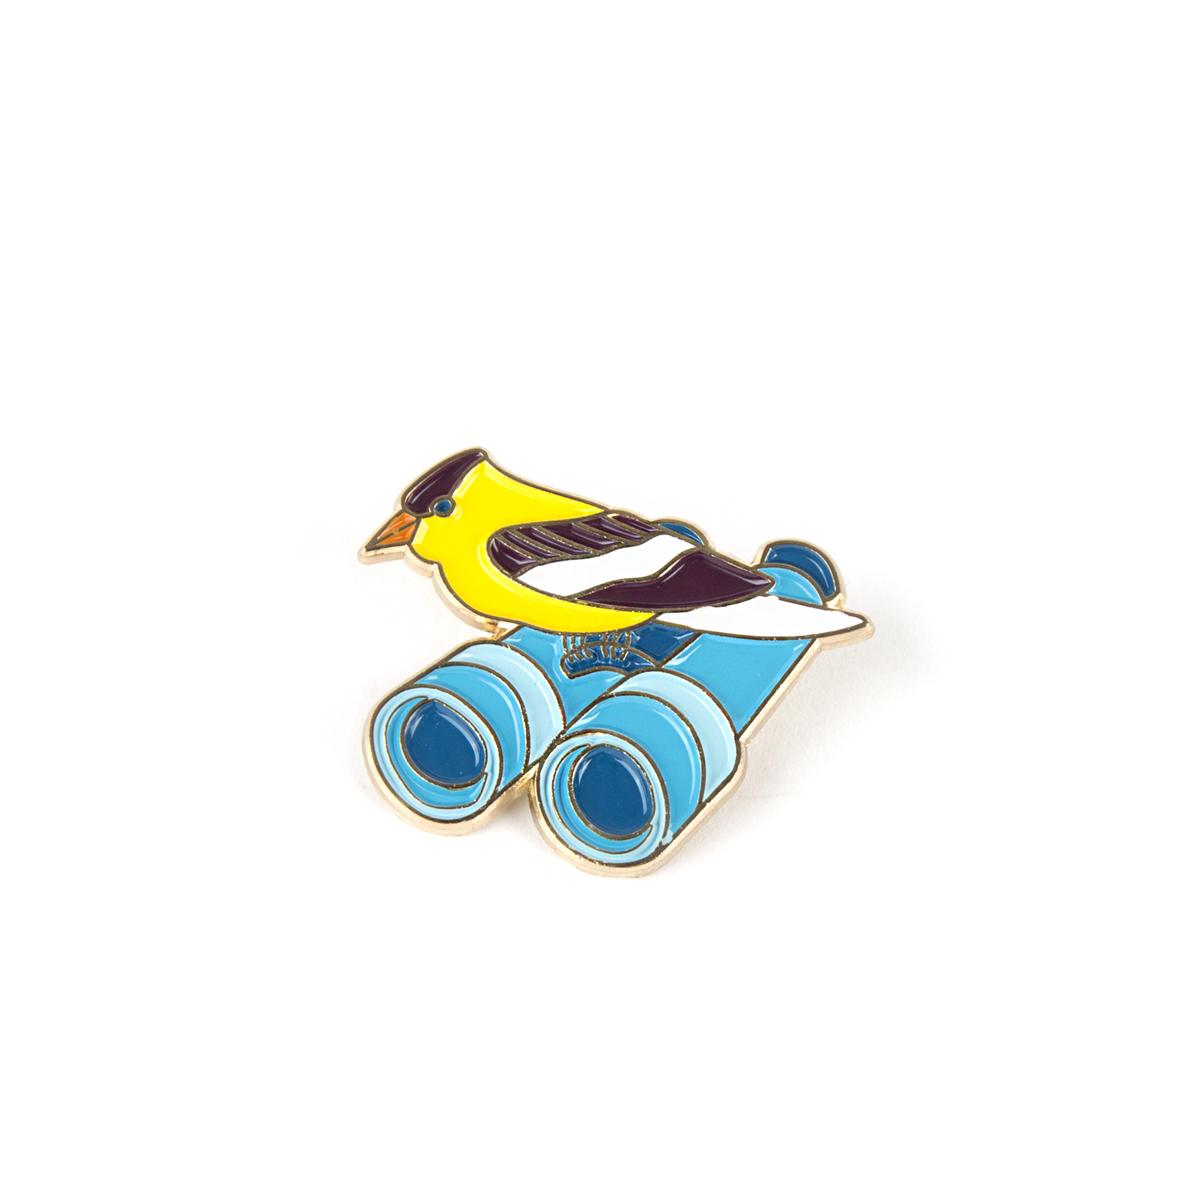 Birdwatcher Pin